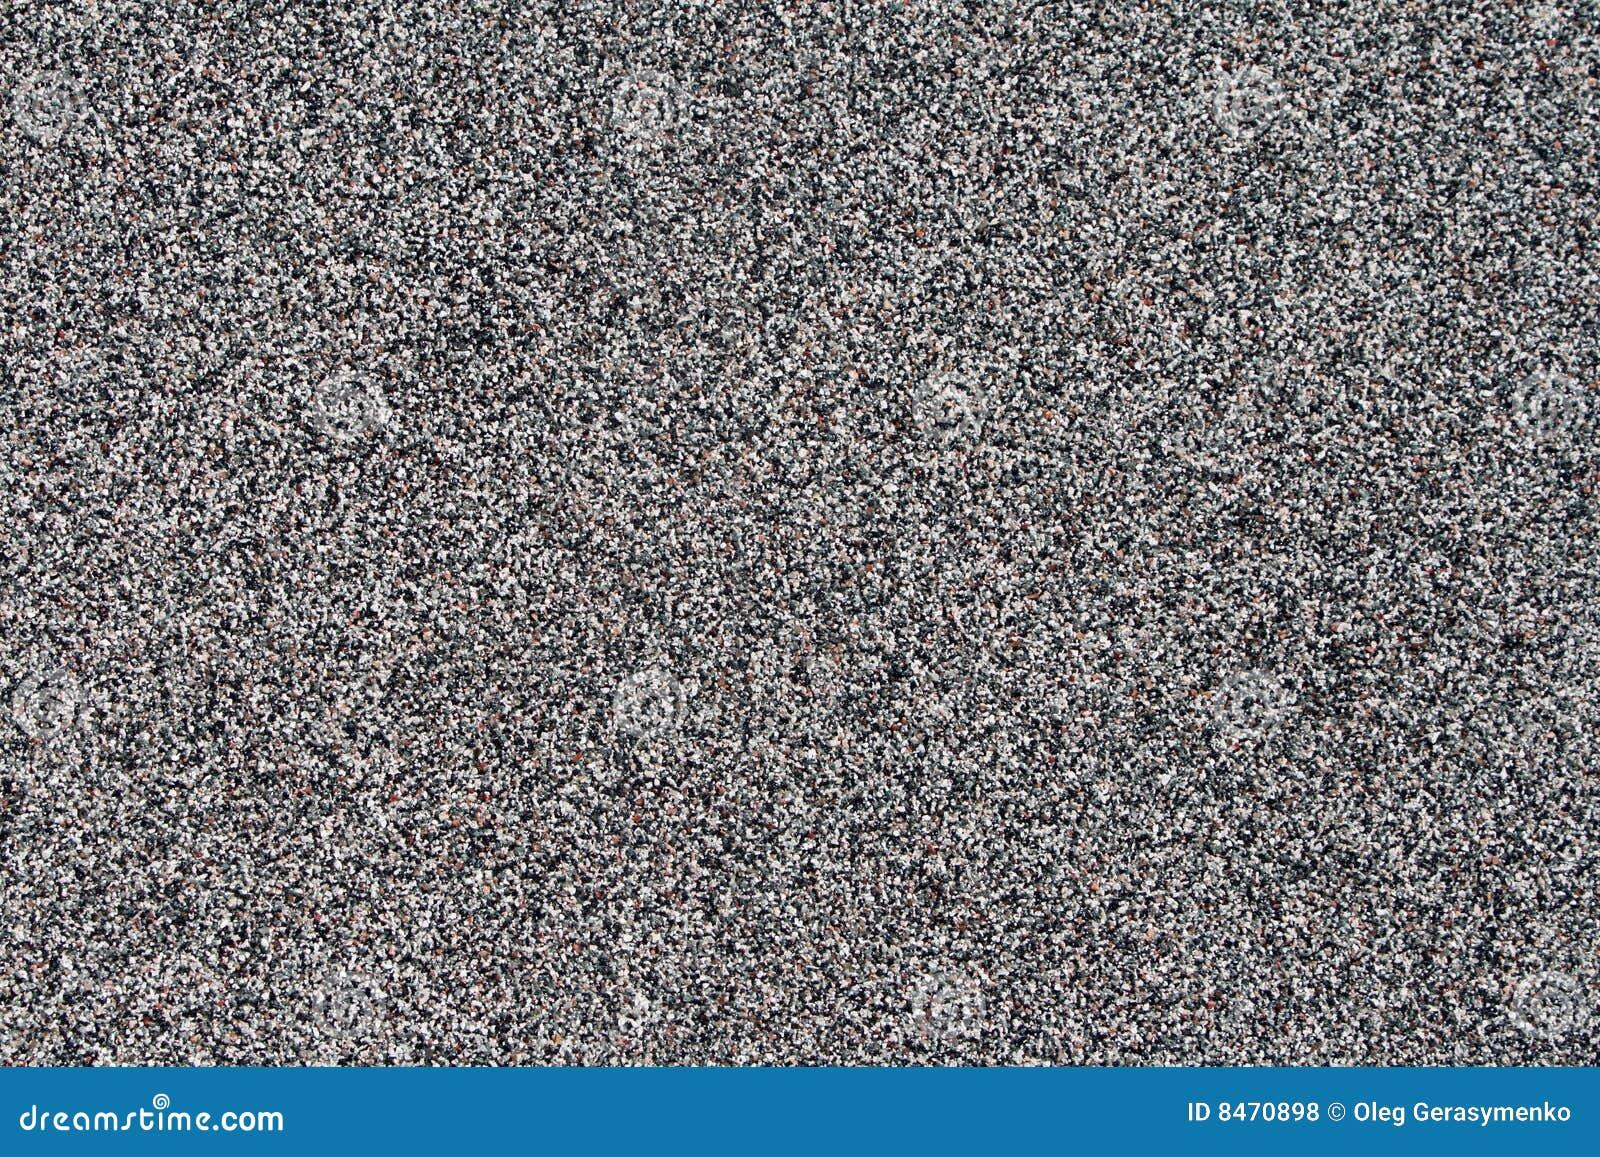 μικρές πέτρες αμμοχάλικου